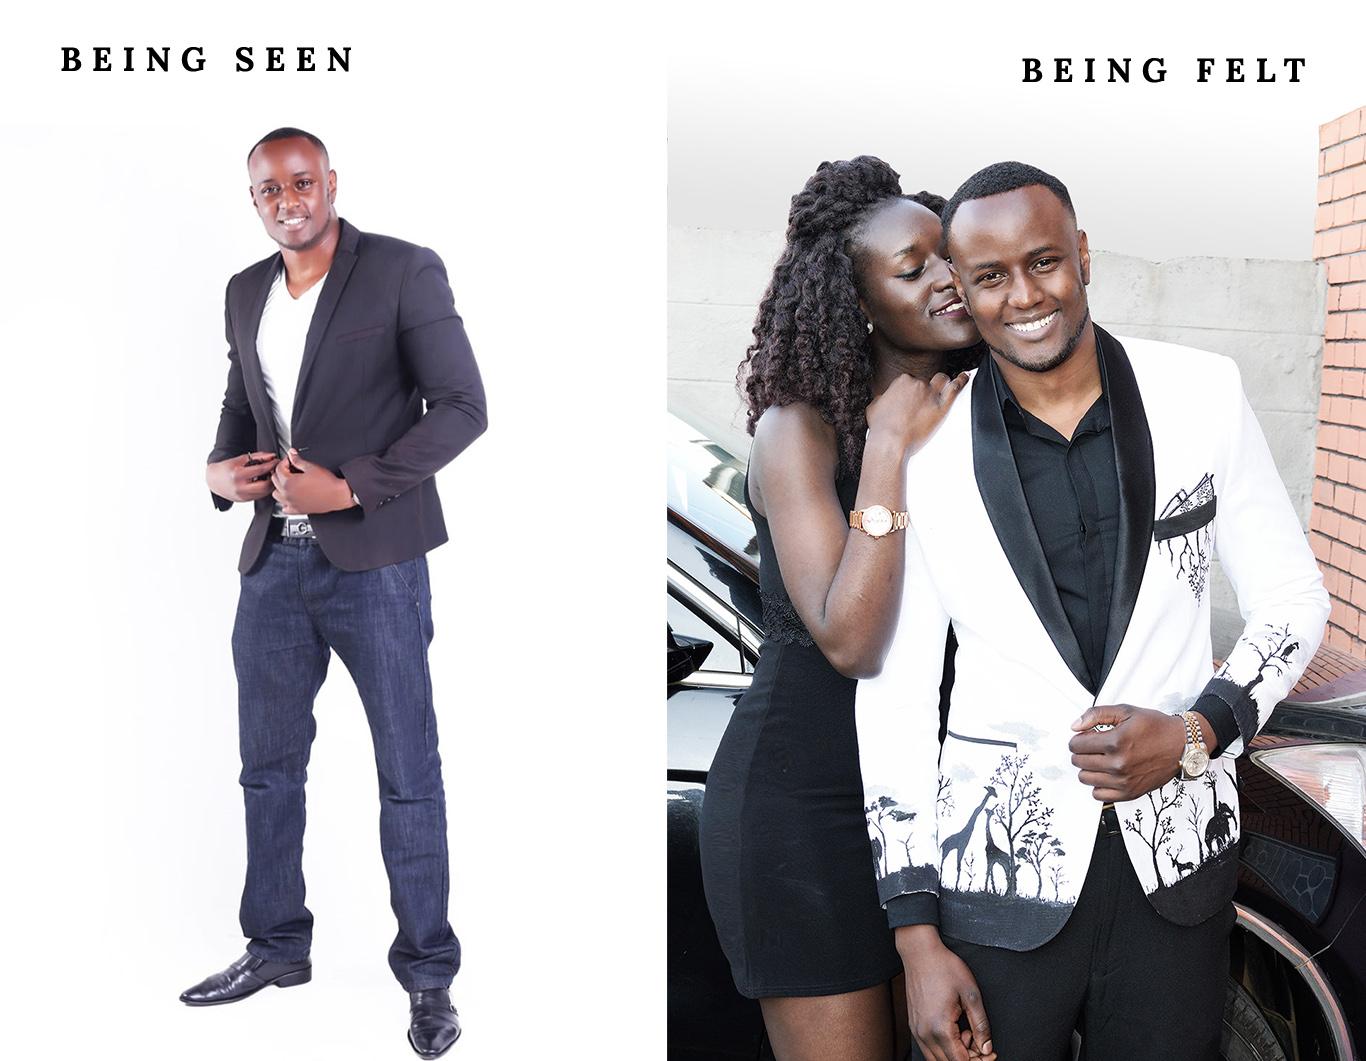 being seen vs. being felt King Sidney kenya